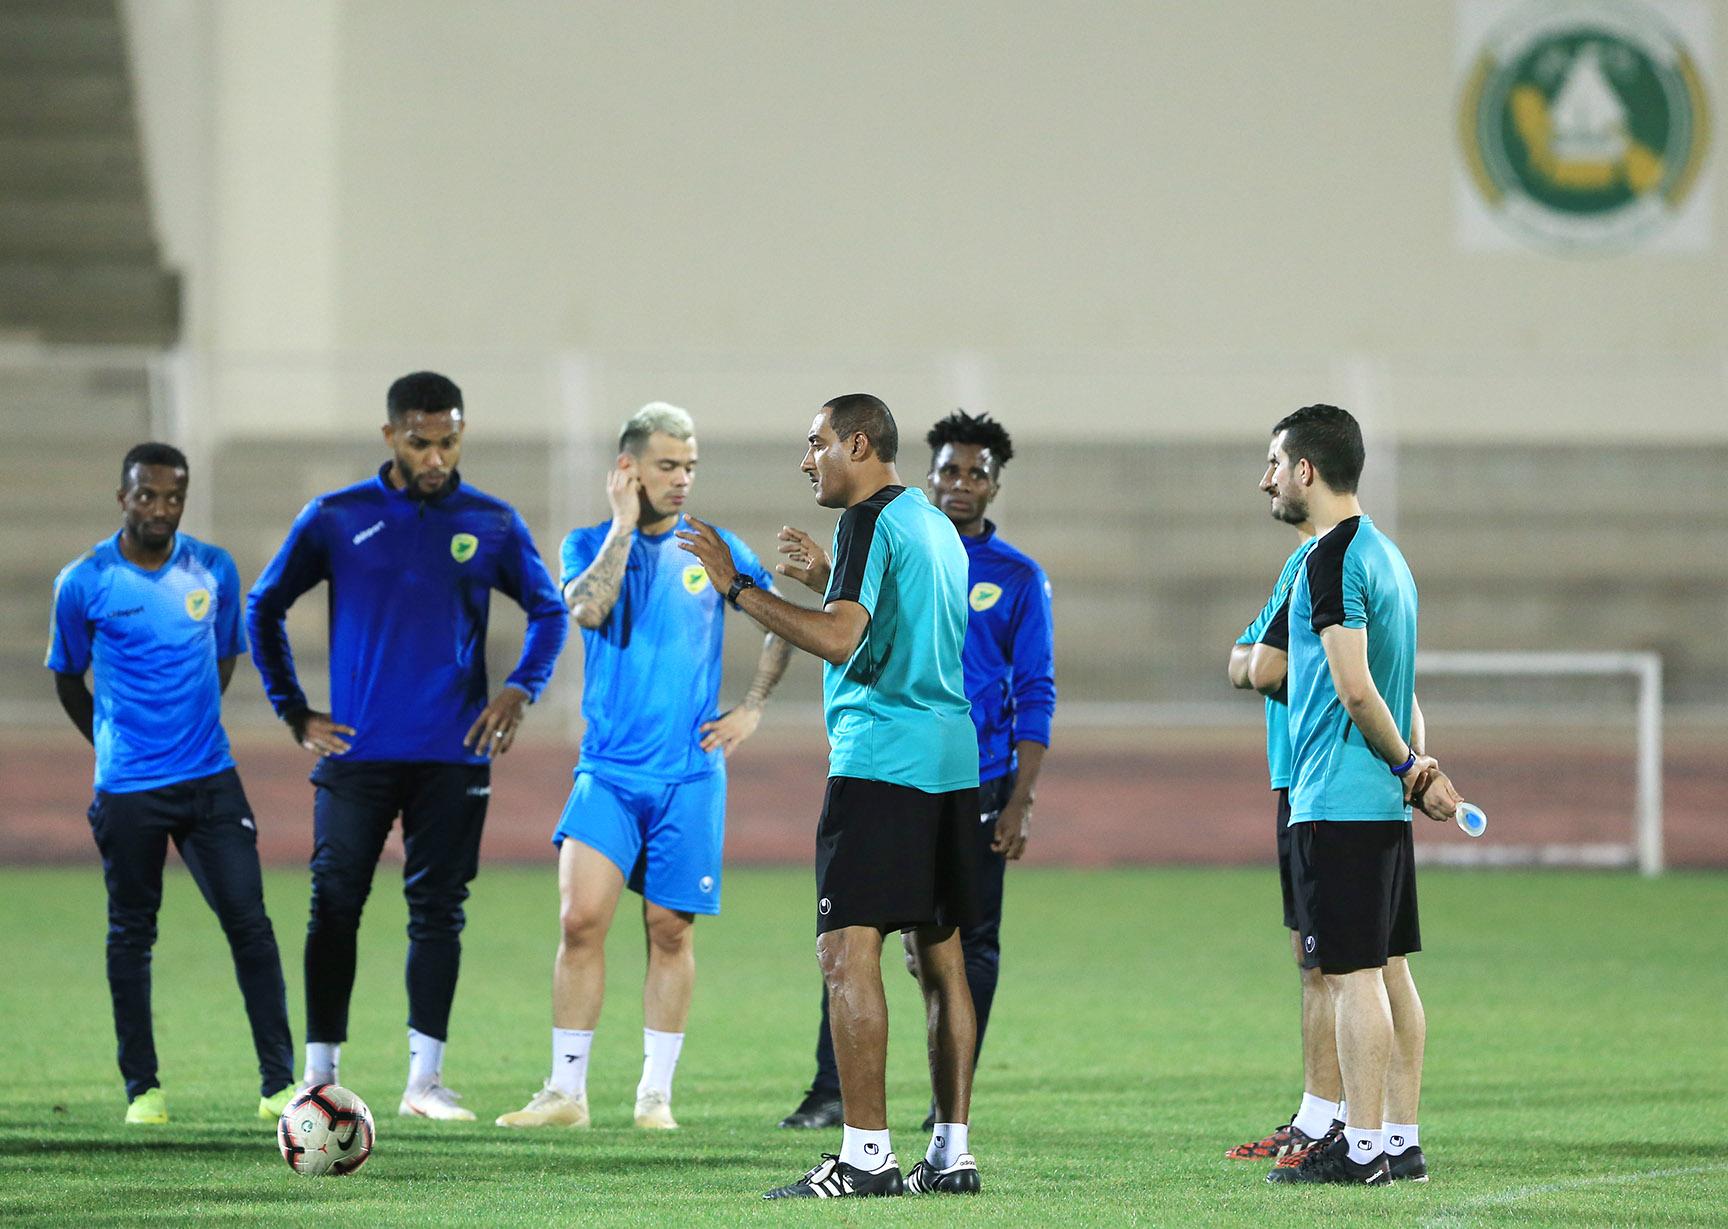 الخليج يجري تدريبه الرئيسي قبل المغادرة للرس لمواجهة مضيفه الحزم ضمن منافسات ذهاب ملحق الصعود لدوري المحترفين